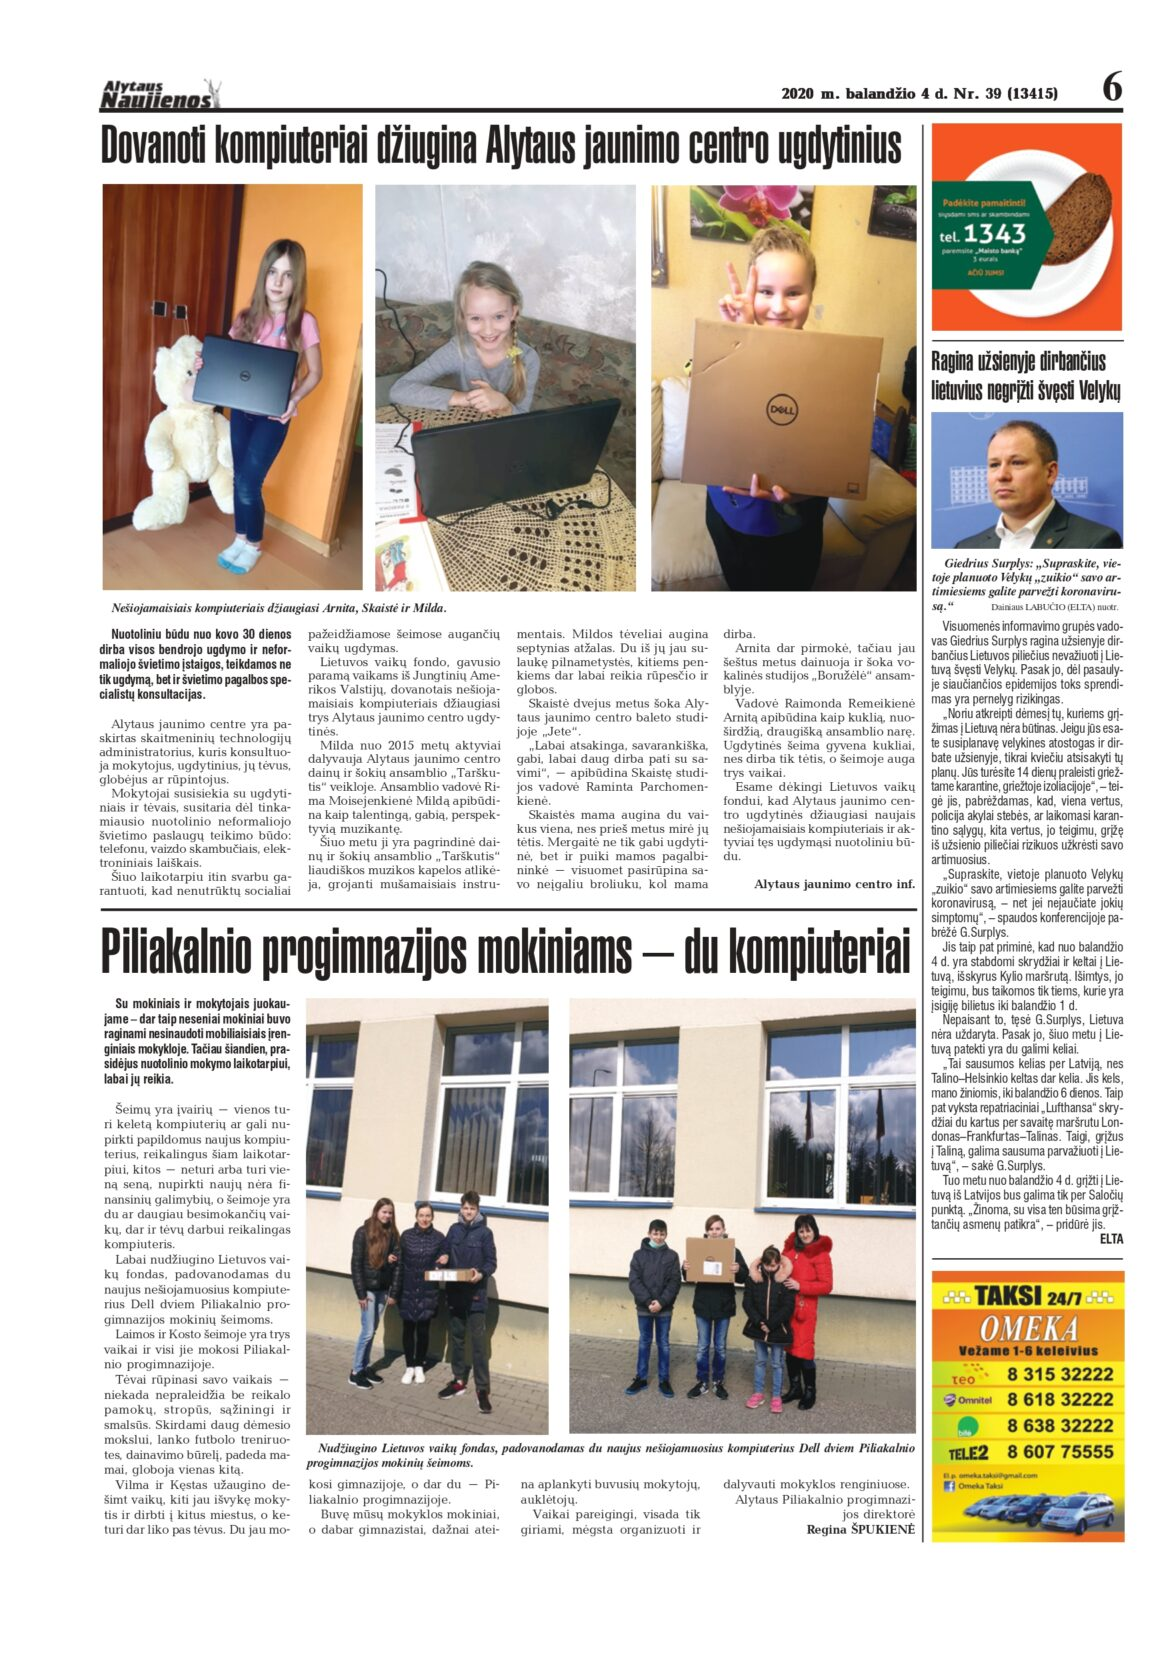 Apie mus rašo: Alytaus naujienų straipsnis apie Lietuvos vaikų fondo dovanas Alytaus jaunimo centro ugdytinėms